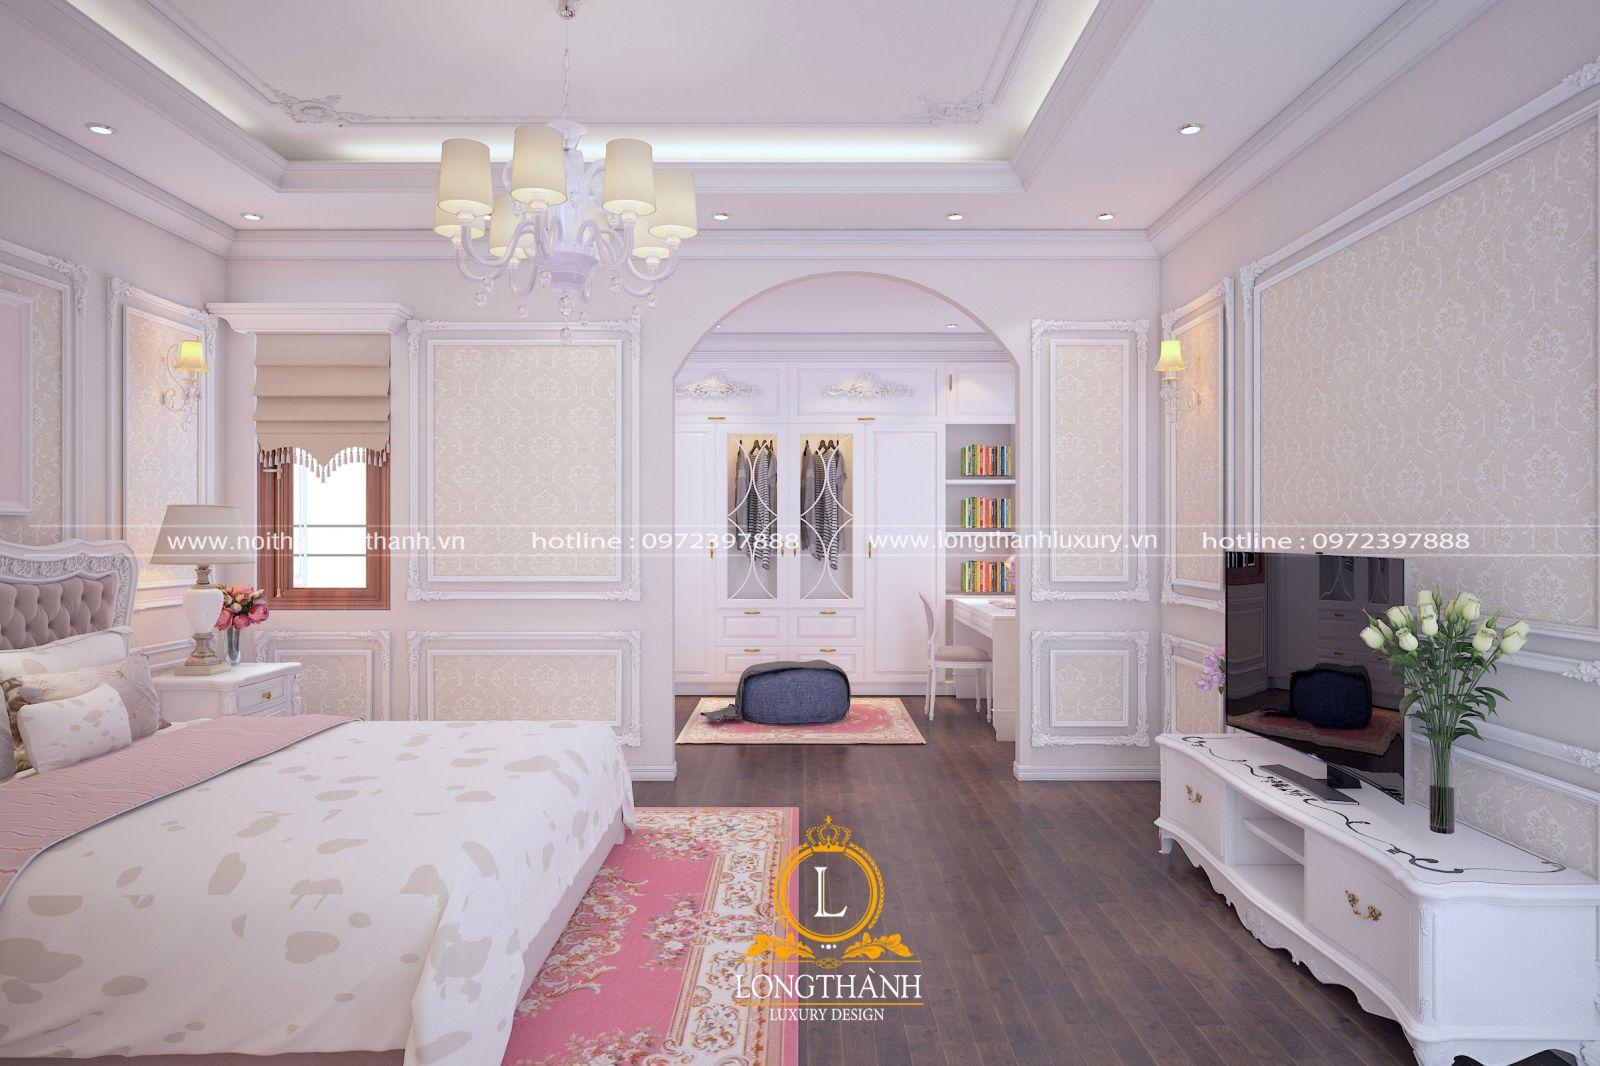 Phòng ngủ với đồ nội thất tiện lợi